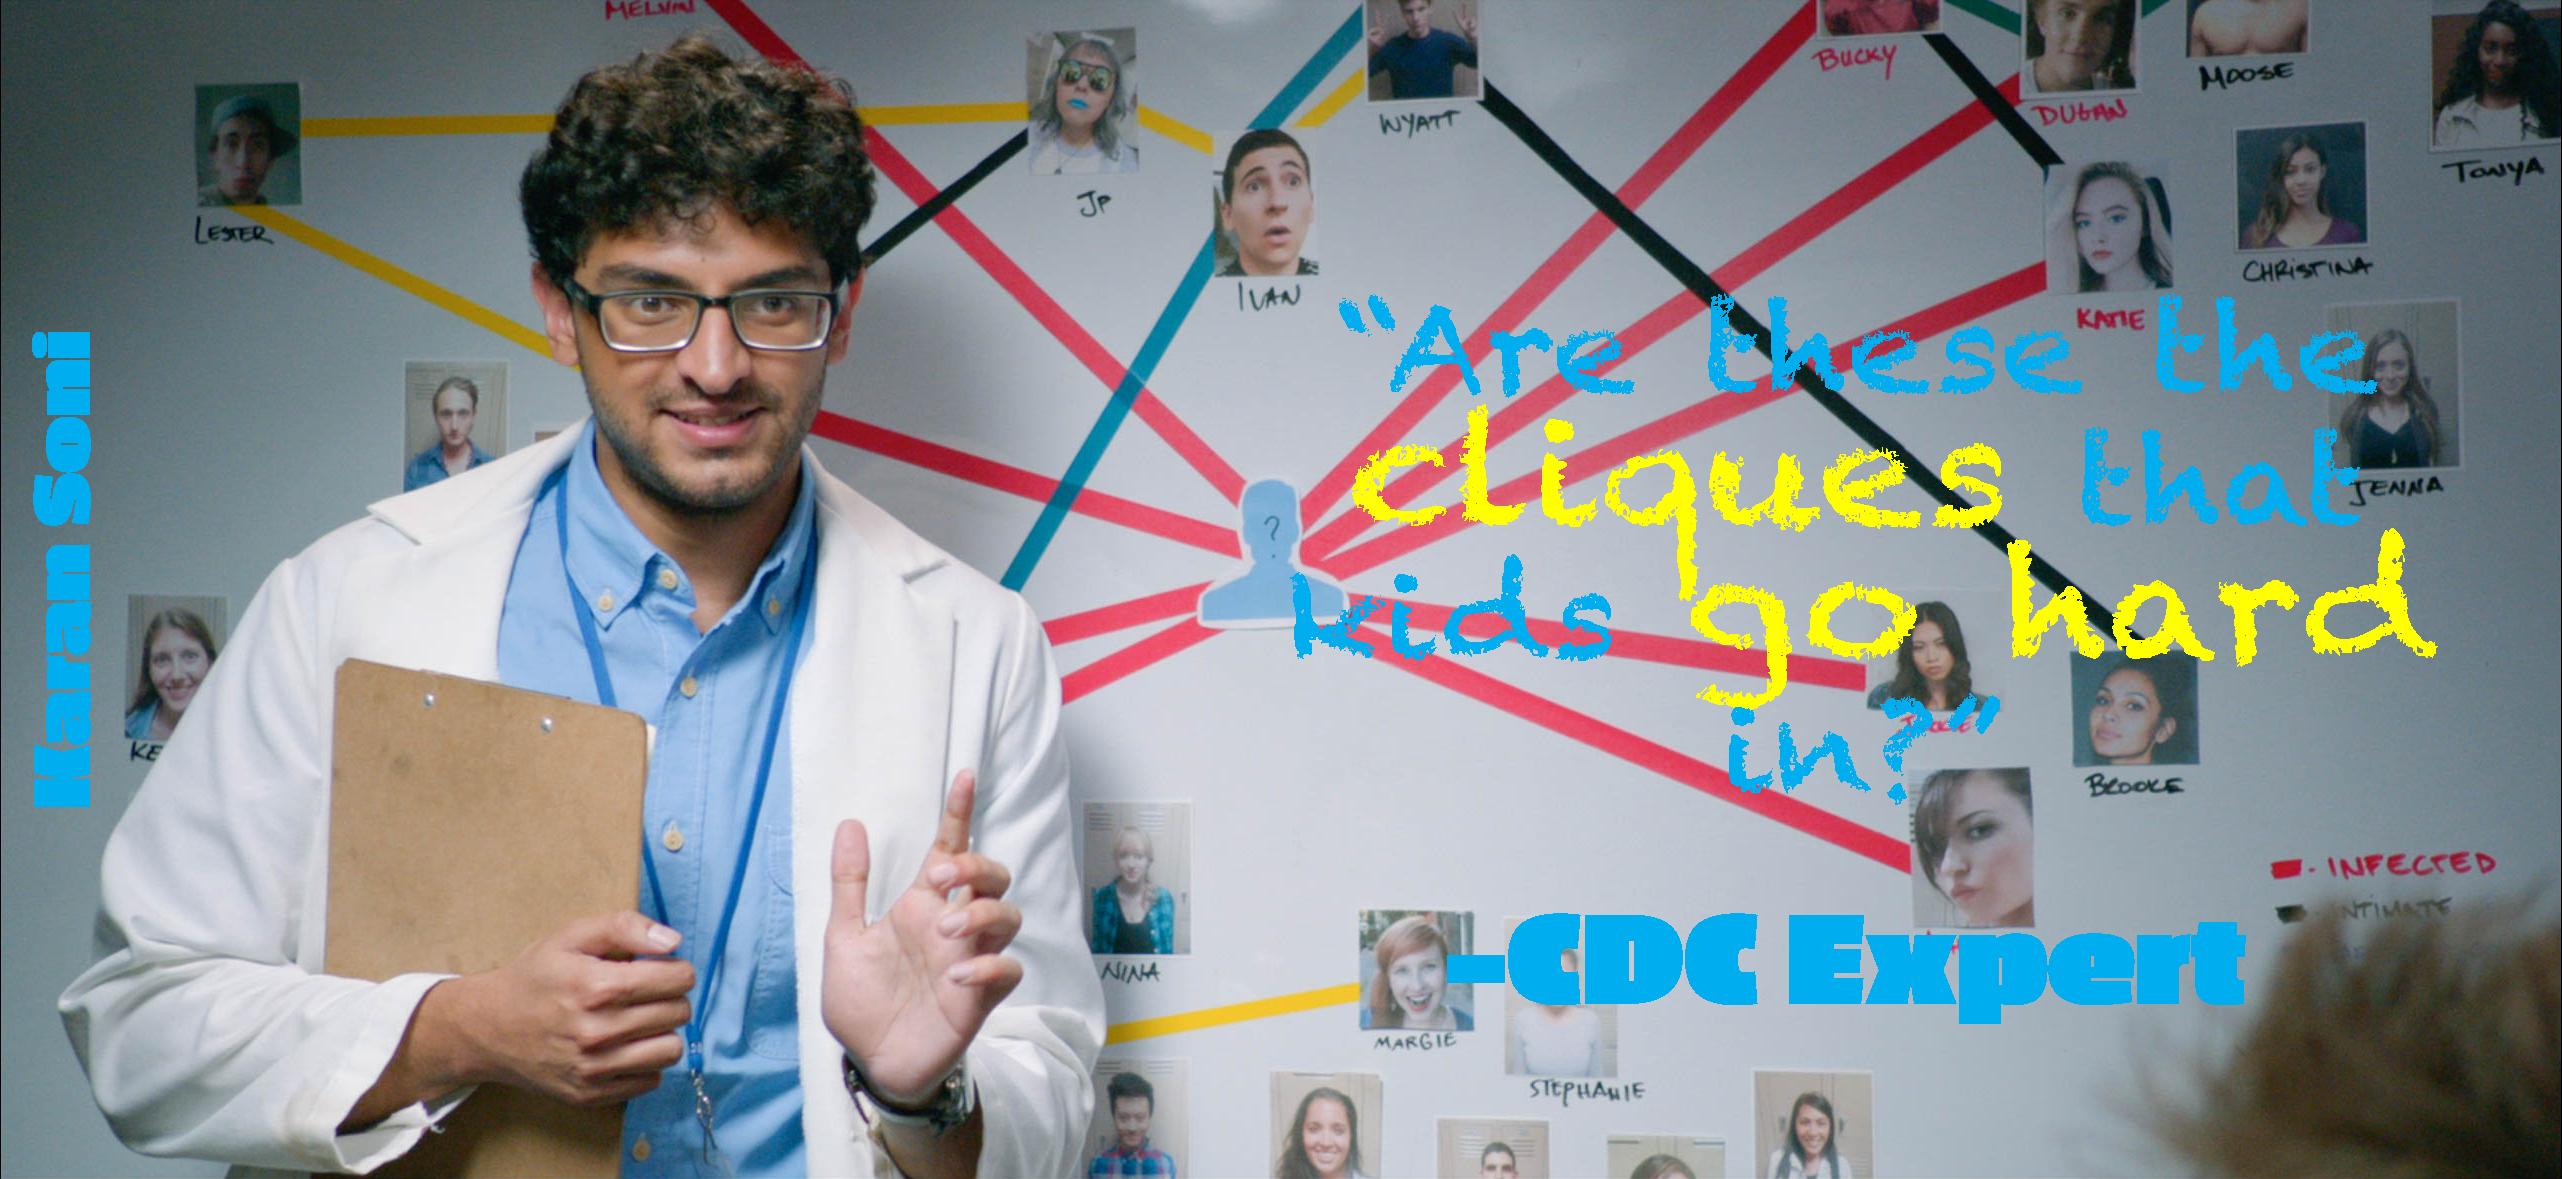 CDC Expert